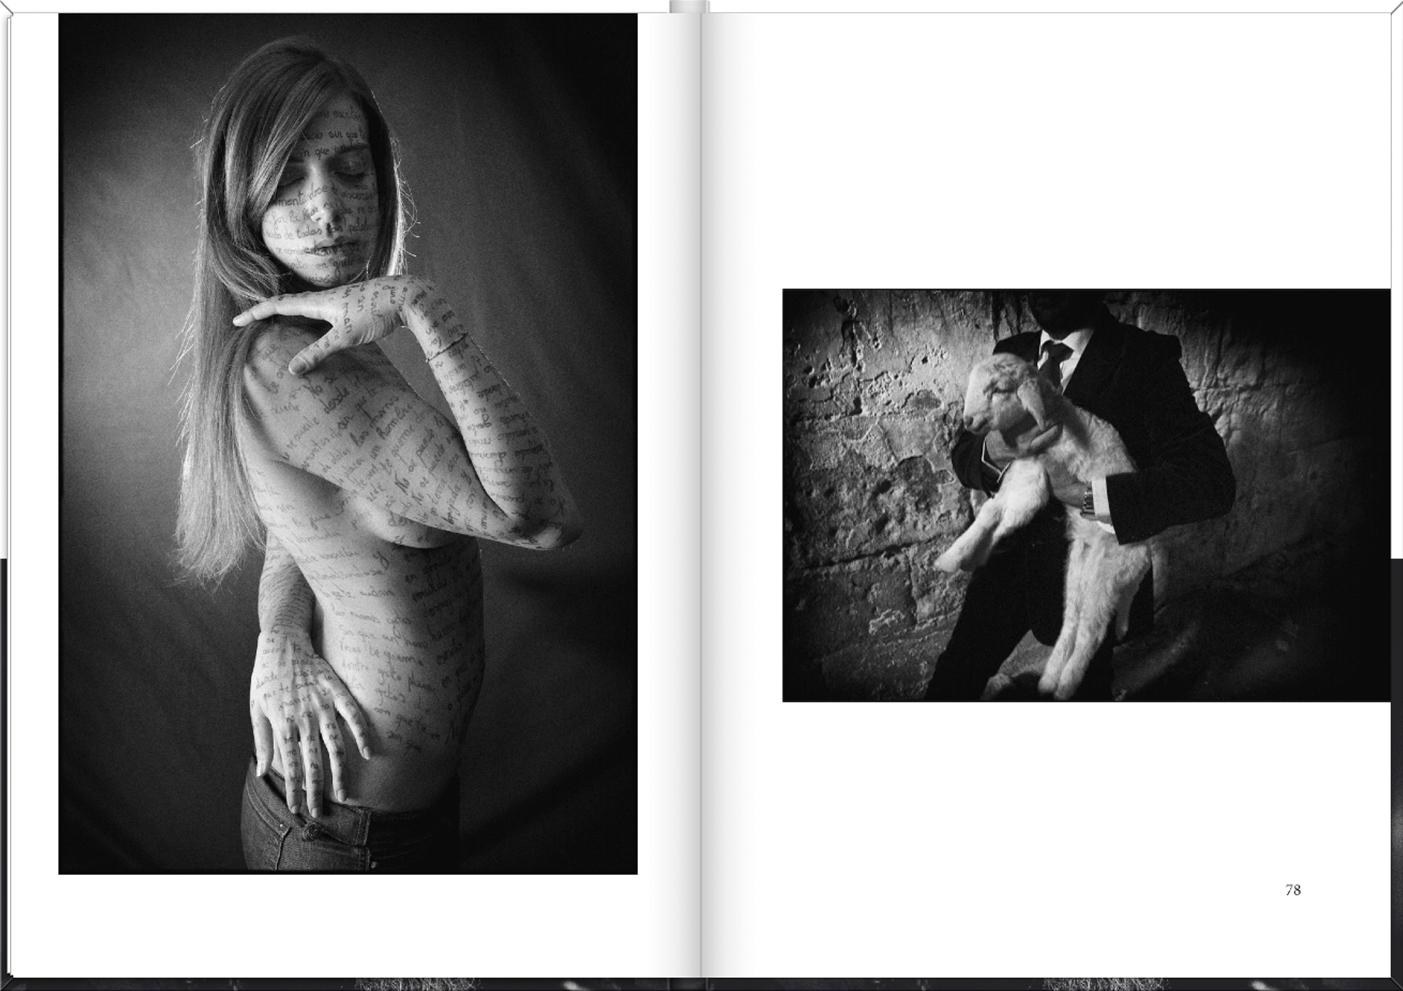 Dossier - Carlos Escudero foto, libro dossier, breve repaso por los 5, cinco primeros libros que he publicado, con una pequeña muestra de imágenes de cada uno de ellos.